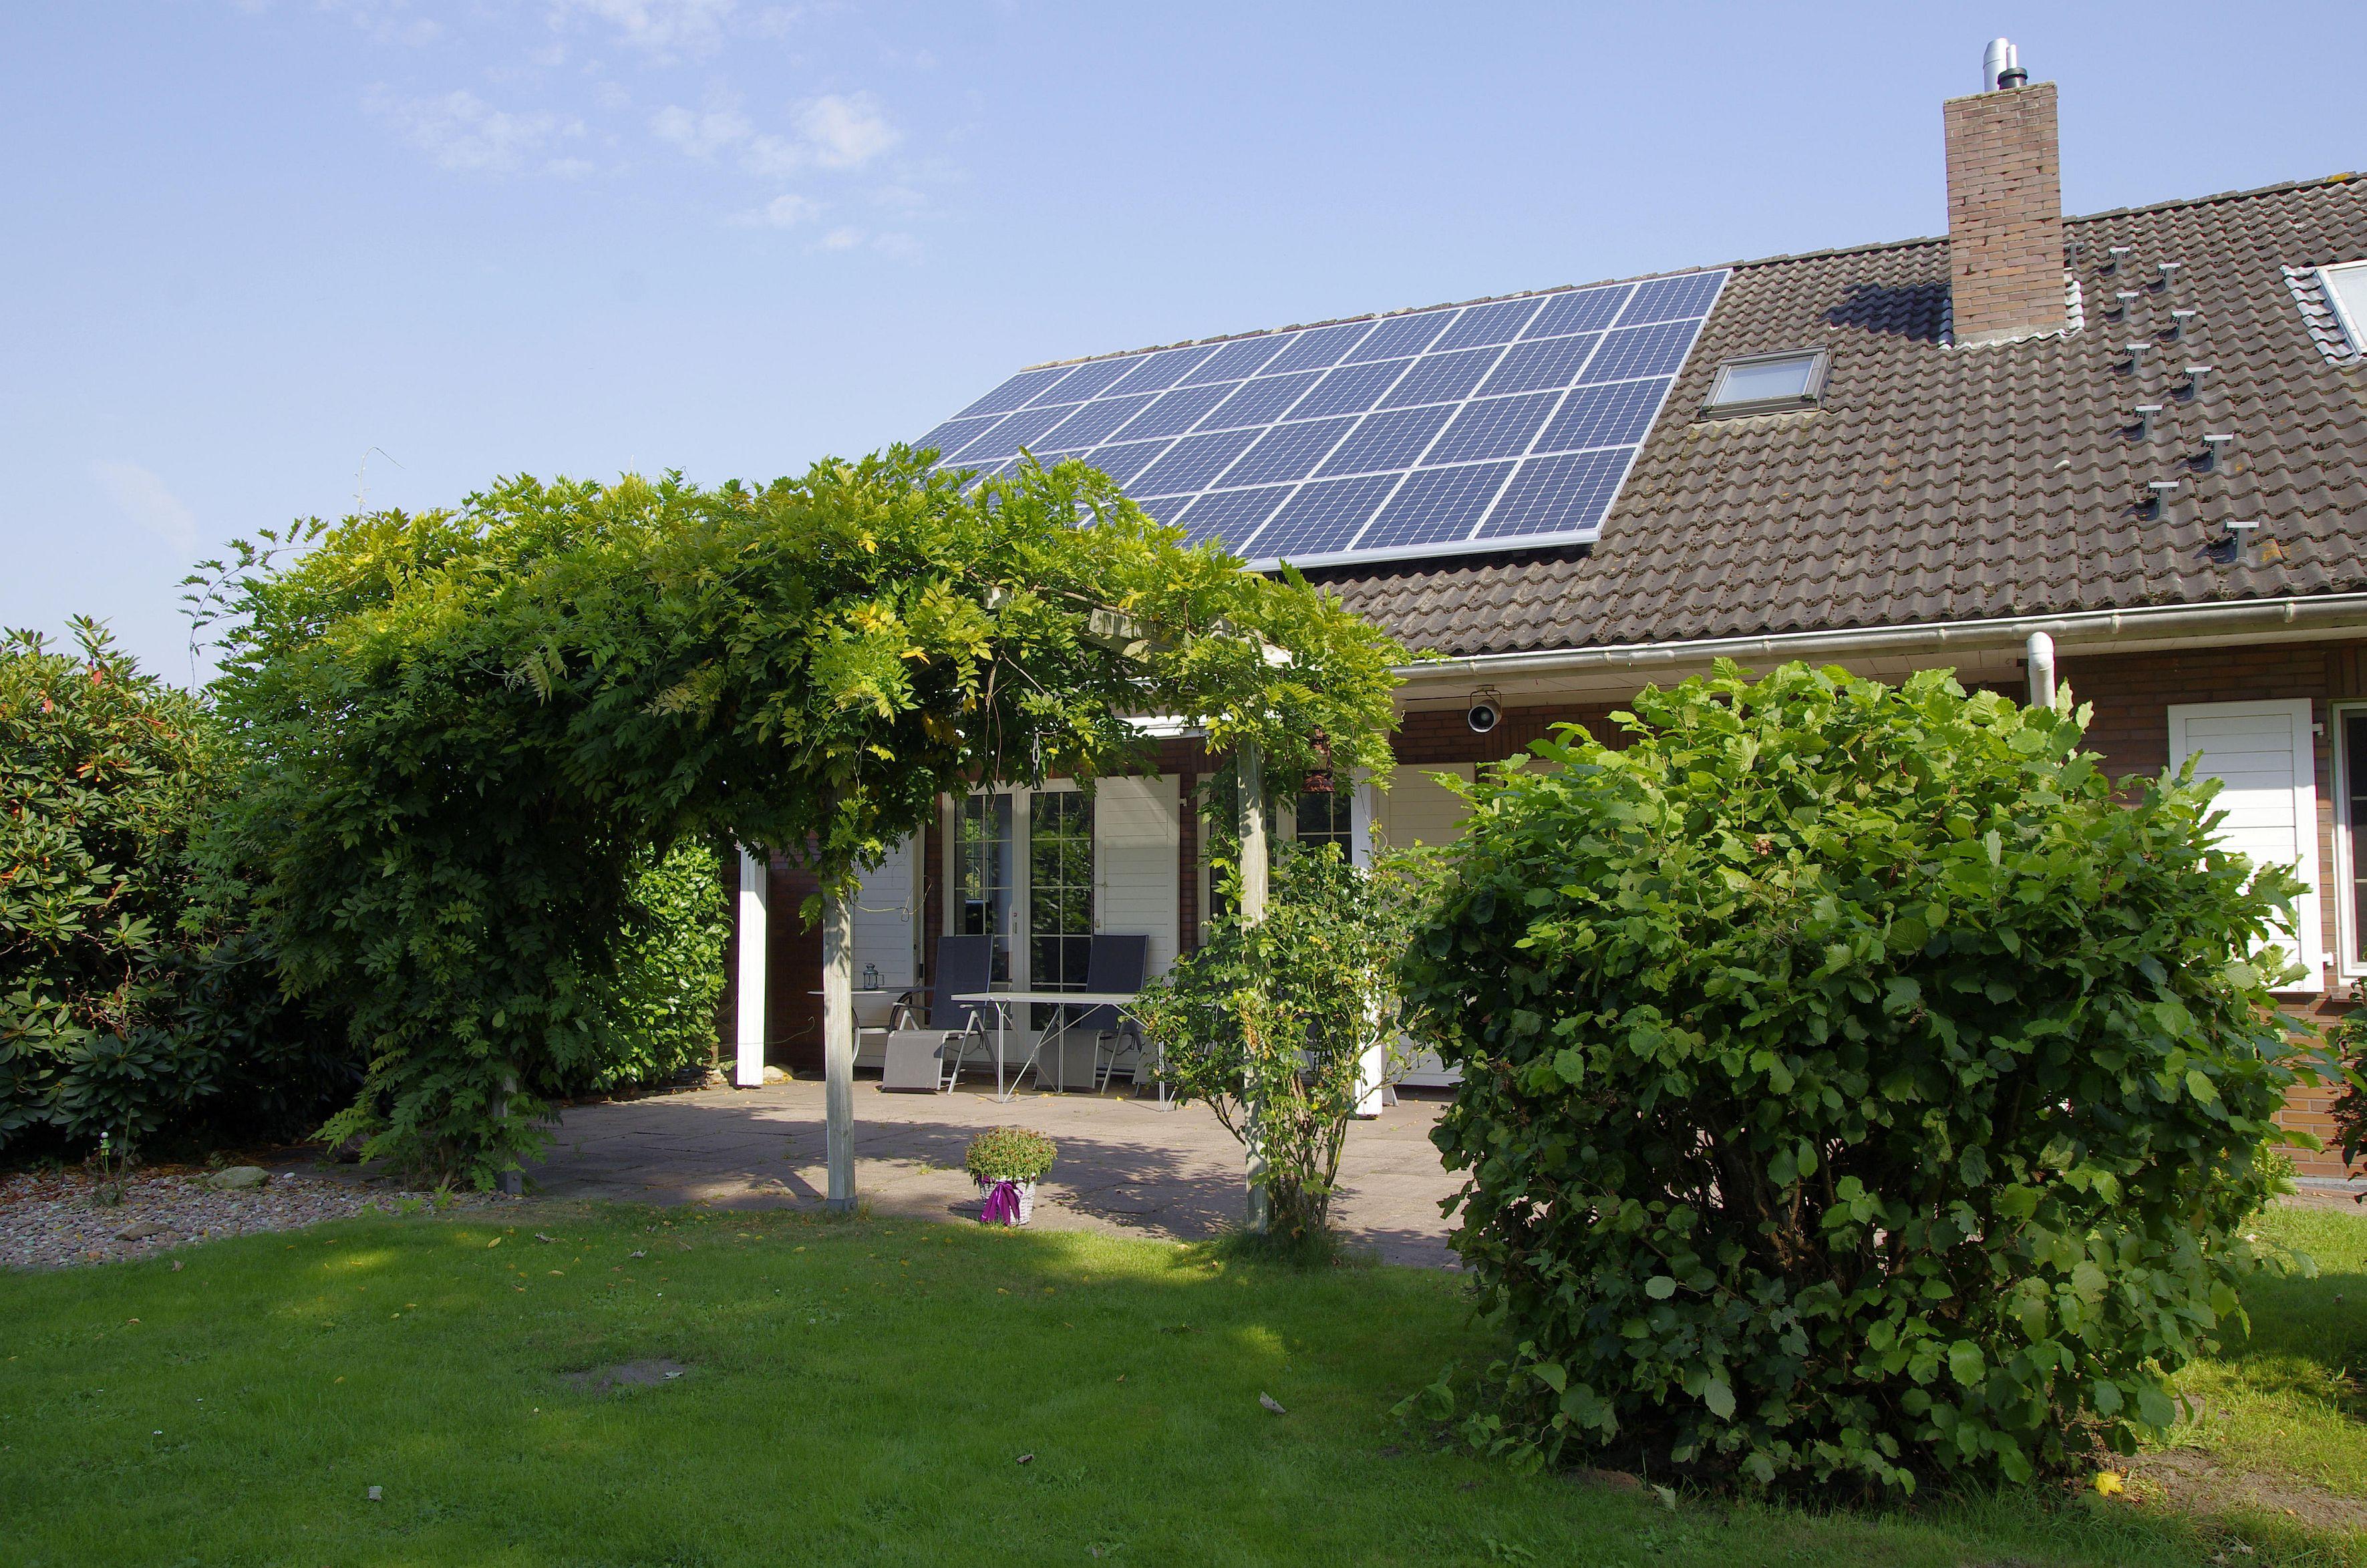 Haus mit Garten_ 300dpi